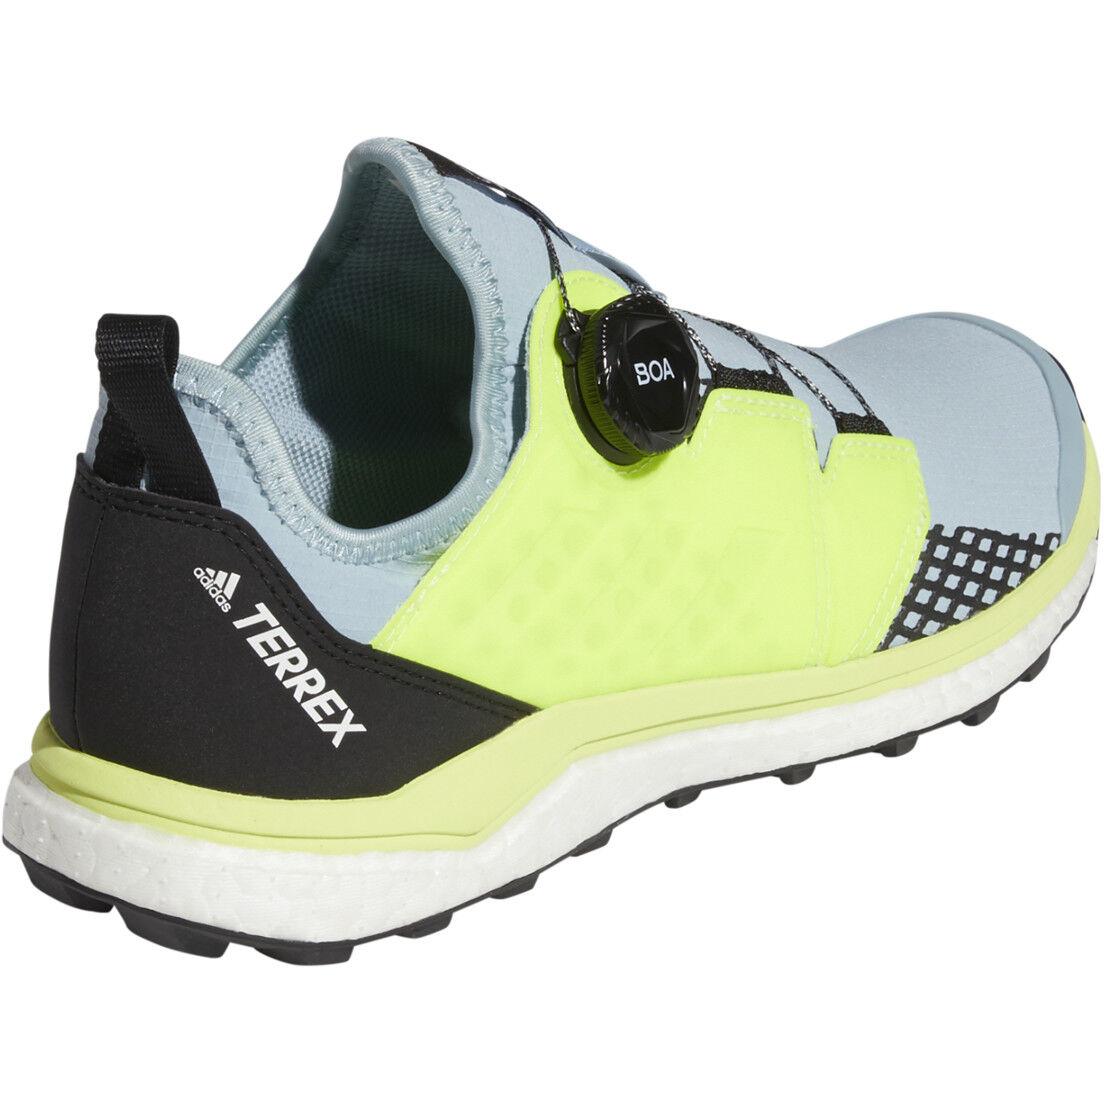 adidas TERREX Agravic Boa Schuhe Damen online kaufen